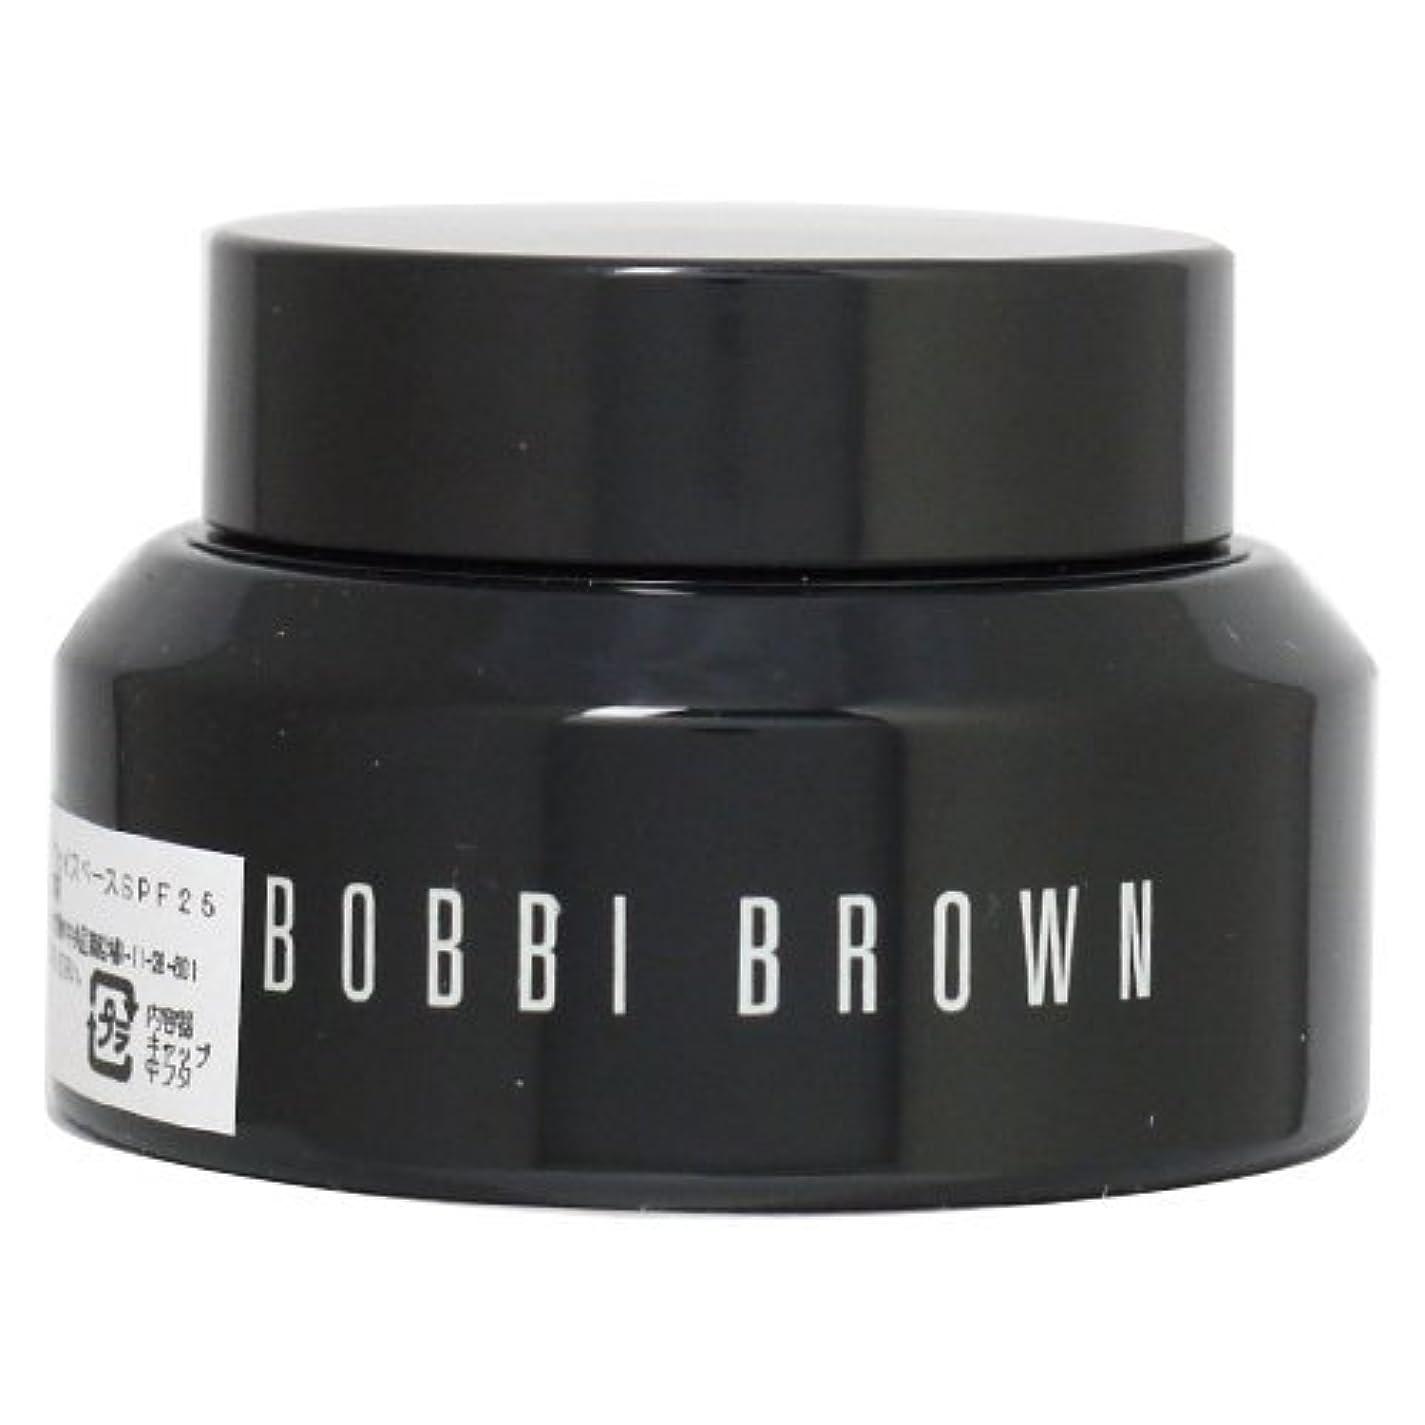 リフト羨望ウールボビーブラウン(BOBBI BROWN) イルミネイティング フェイスベース 30ml [並行輸入品]